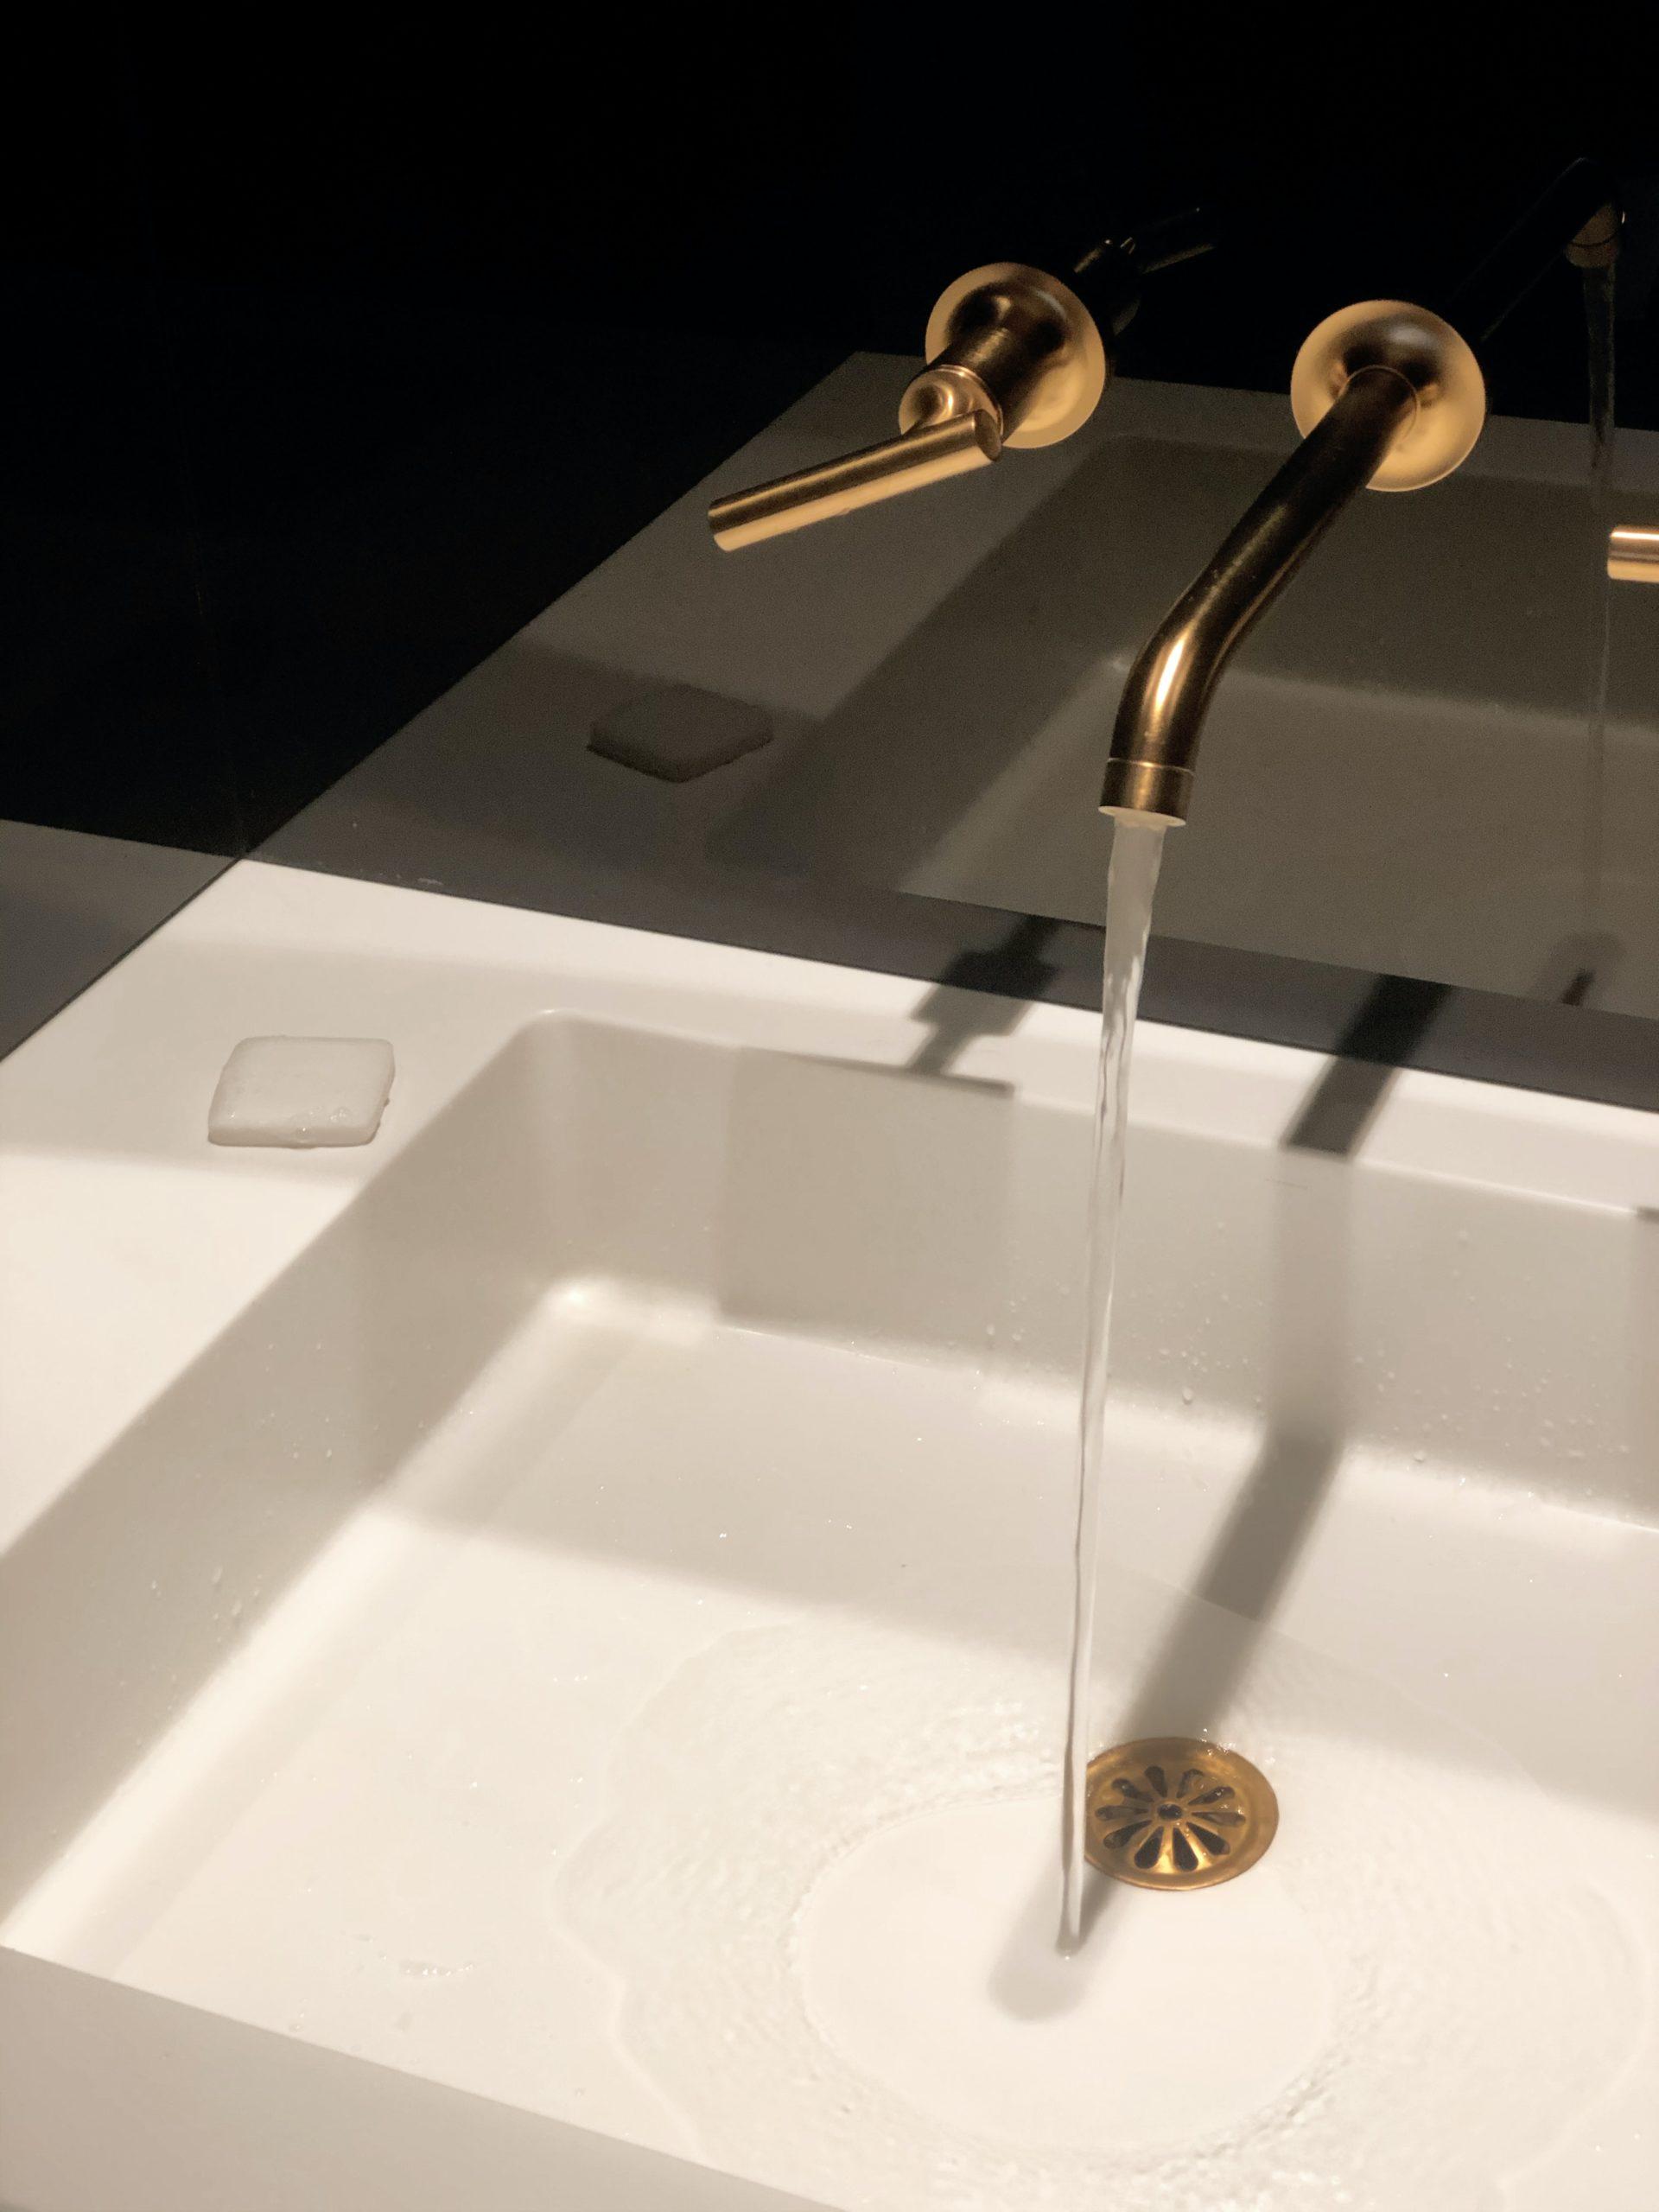 Необходимость водоочистки для бытовых и промышленных условий